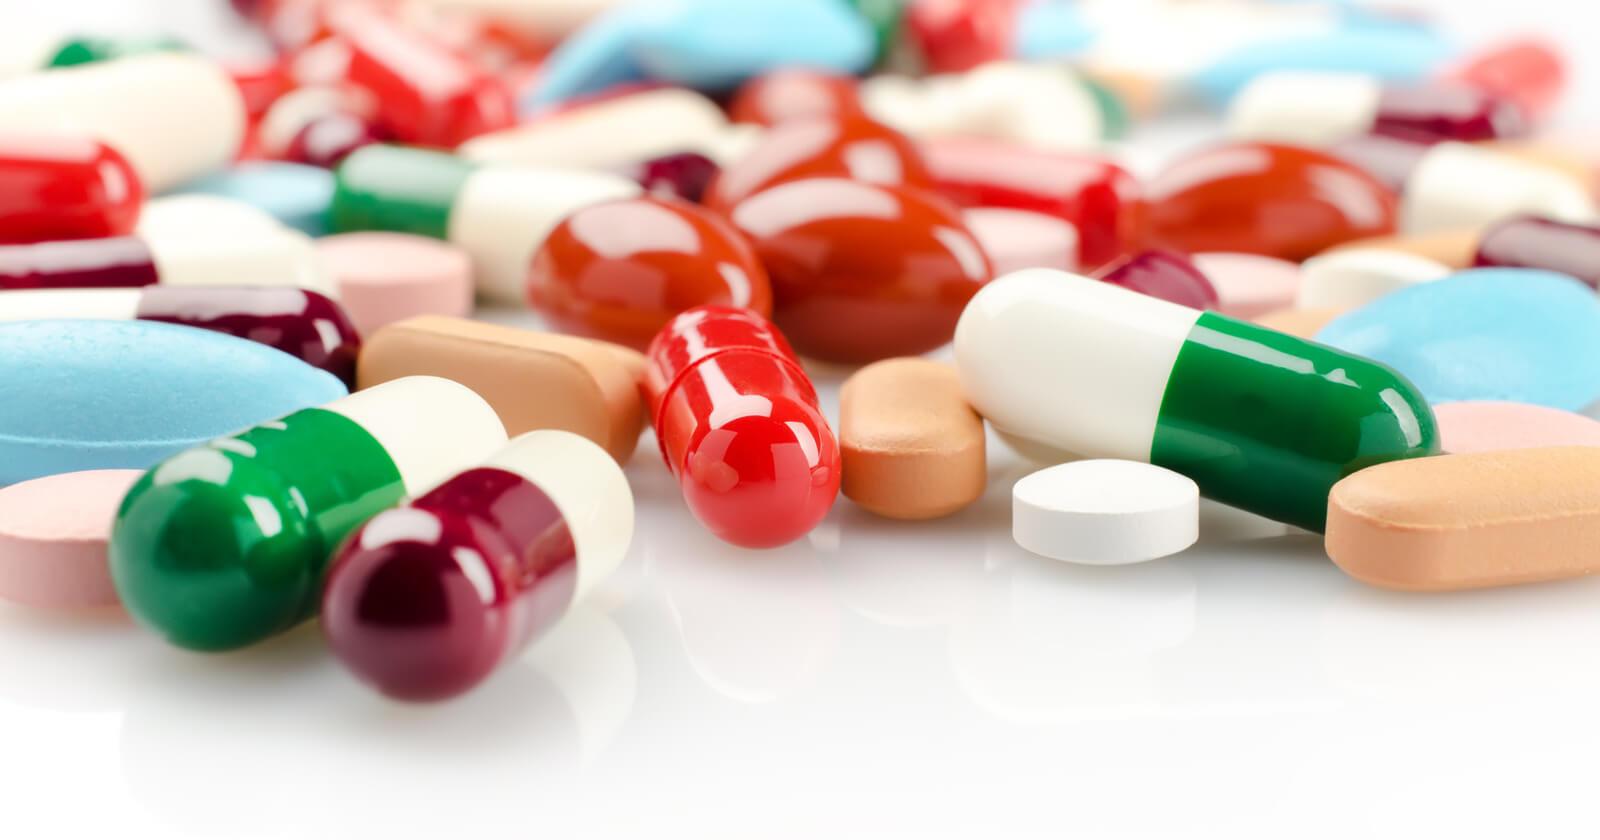 Bei einer unkomplizierter Divertikulitis wird meist mit Medikamenten behandelt